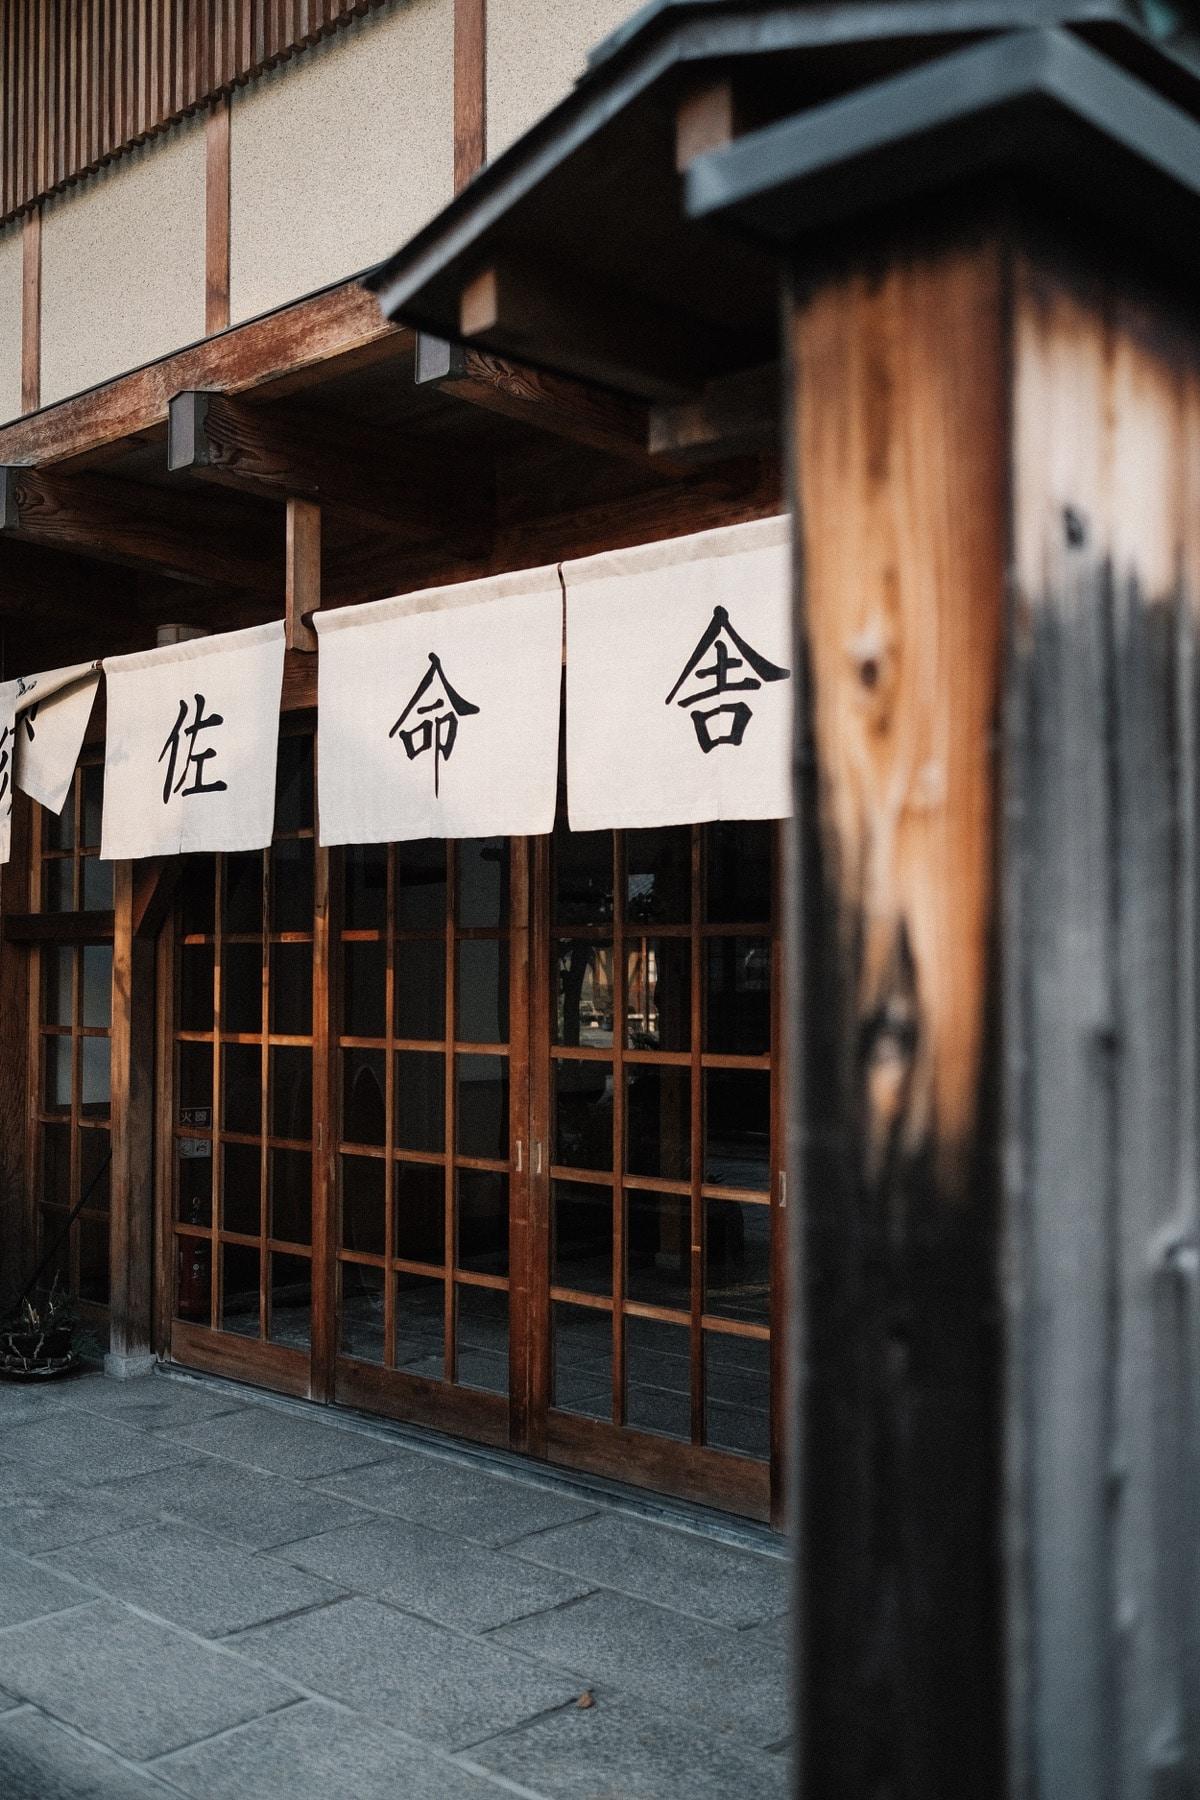 Kinlake-Kyoto-Lifestyle-2018-7152